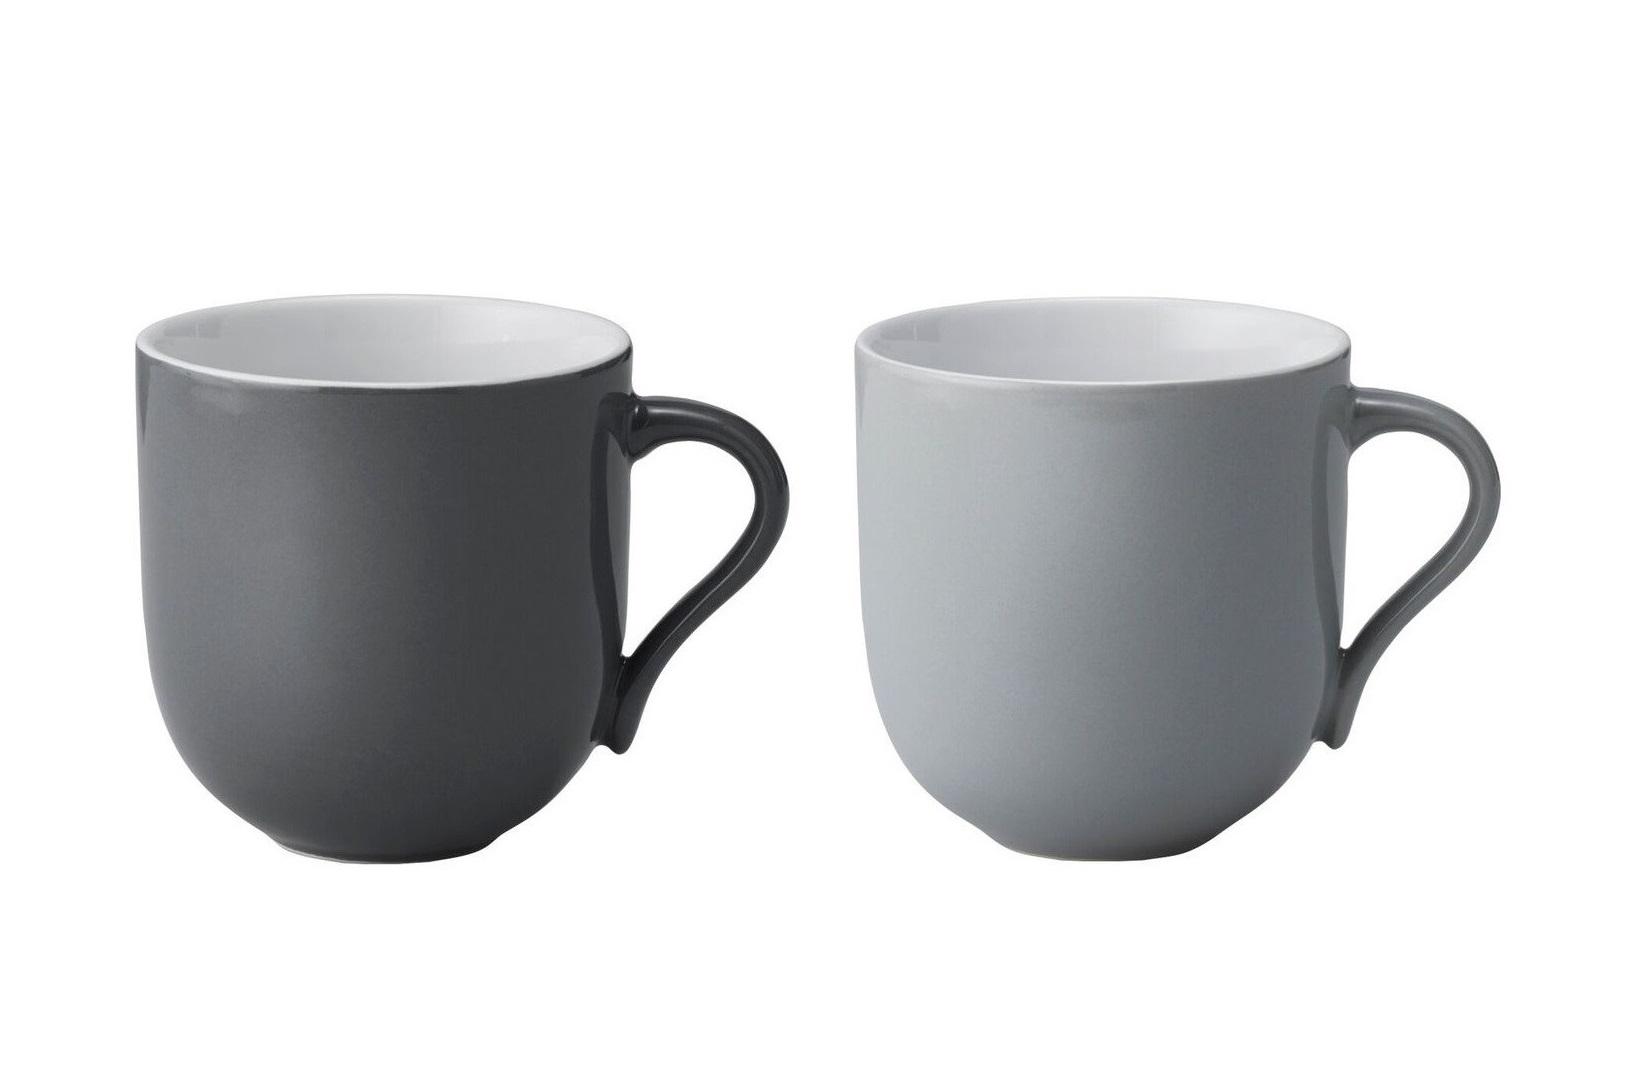 Набор кружек EmmaЧайные пары, чашки и кружки<br>Набор из 2х кружек Emma.&amp;amp;nbsp;&amp;lt;div&amp;gt;Объем каждой чашки 380мл.&amp;amp;nbsp;&amp;lt;div&amp;gt;&amp;lt;br&amp;gt;&amp;lt;/div&amp;gt;&amp;lt;div&amp;gt;Дополнительно к кружкам можно приобрести блюдца.&amp;amp;nbsp;&amp;lt;br&amp;gt;&amp;lt;/div&amp;gt;&amp;lt;/div&amp;gt;<br><br>Material: Керамика<br>Length см: None<br>Width см: None<br>Height см: 12<br>Diameter см: 9